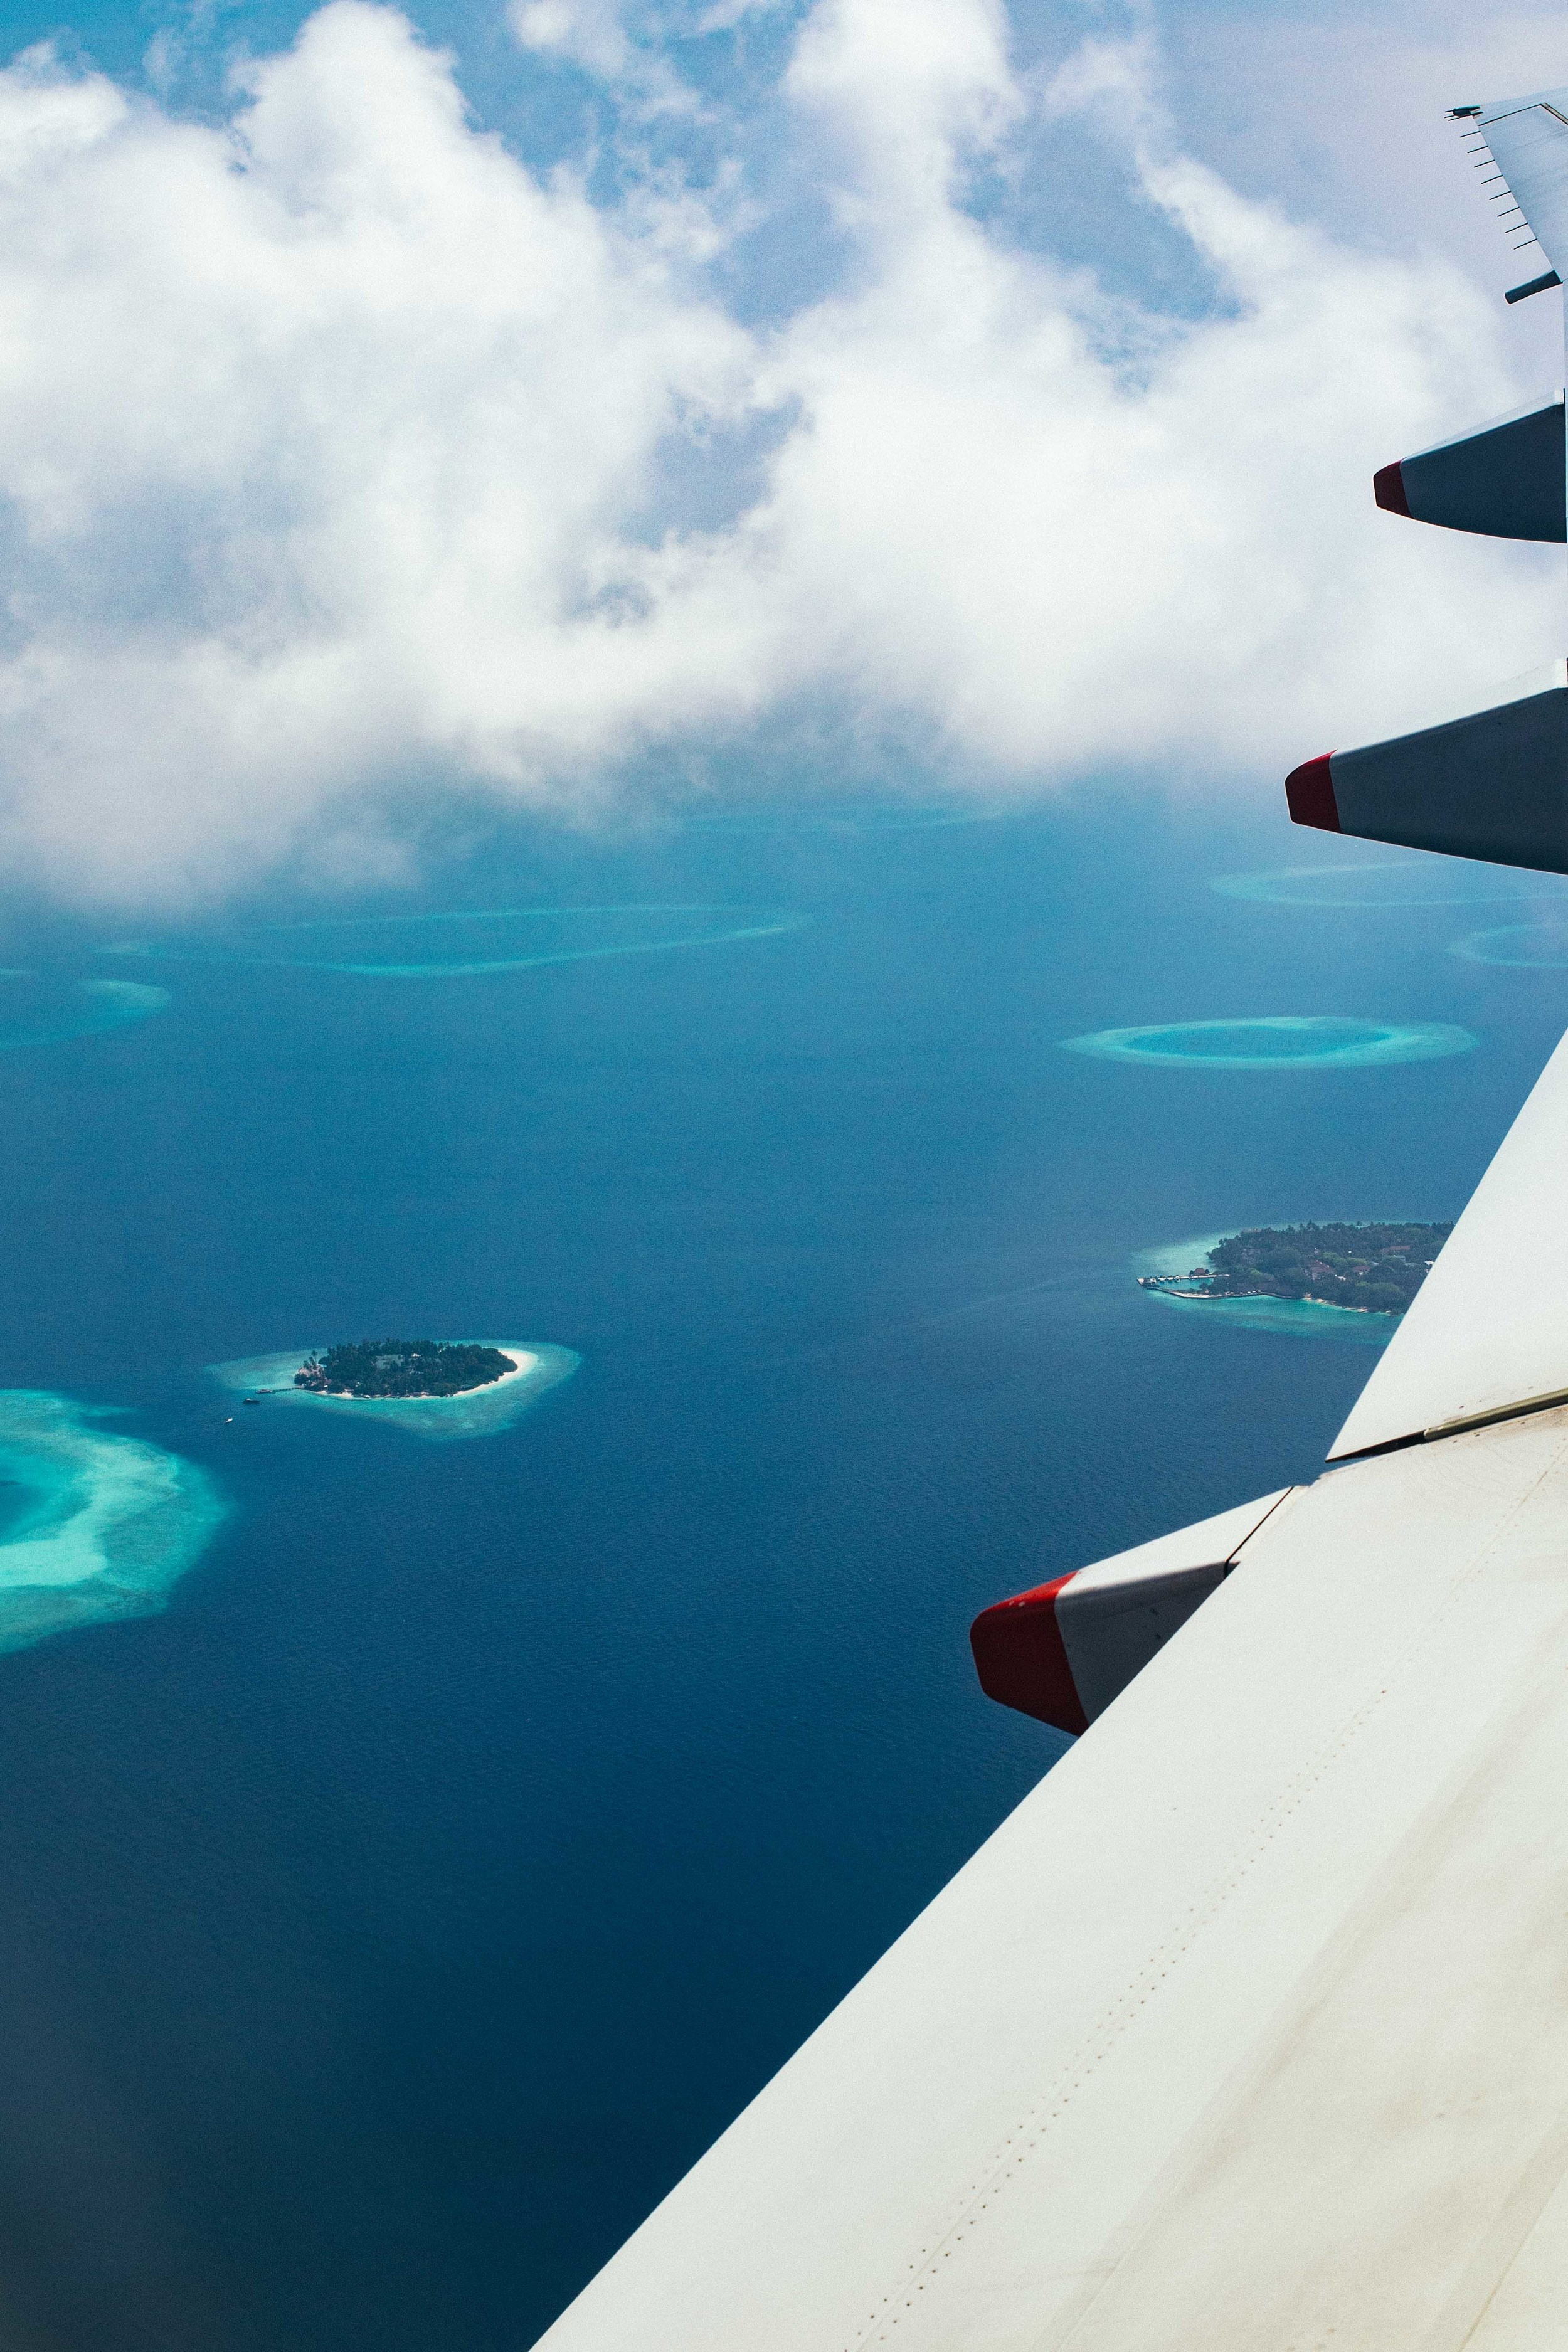 MALDIVES_CORONA_COCONUT COMRADERY_05.jpg